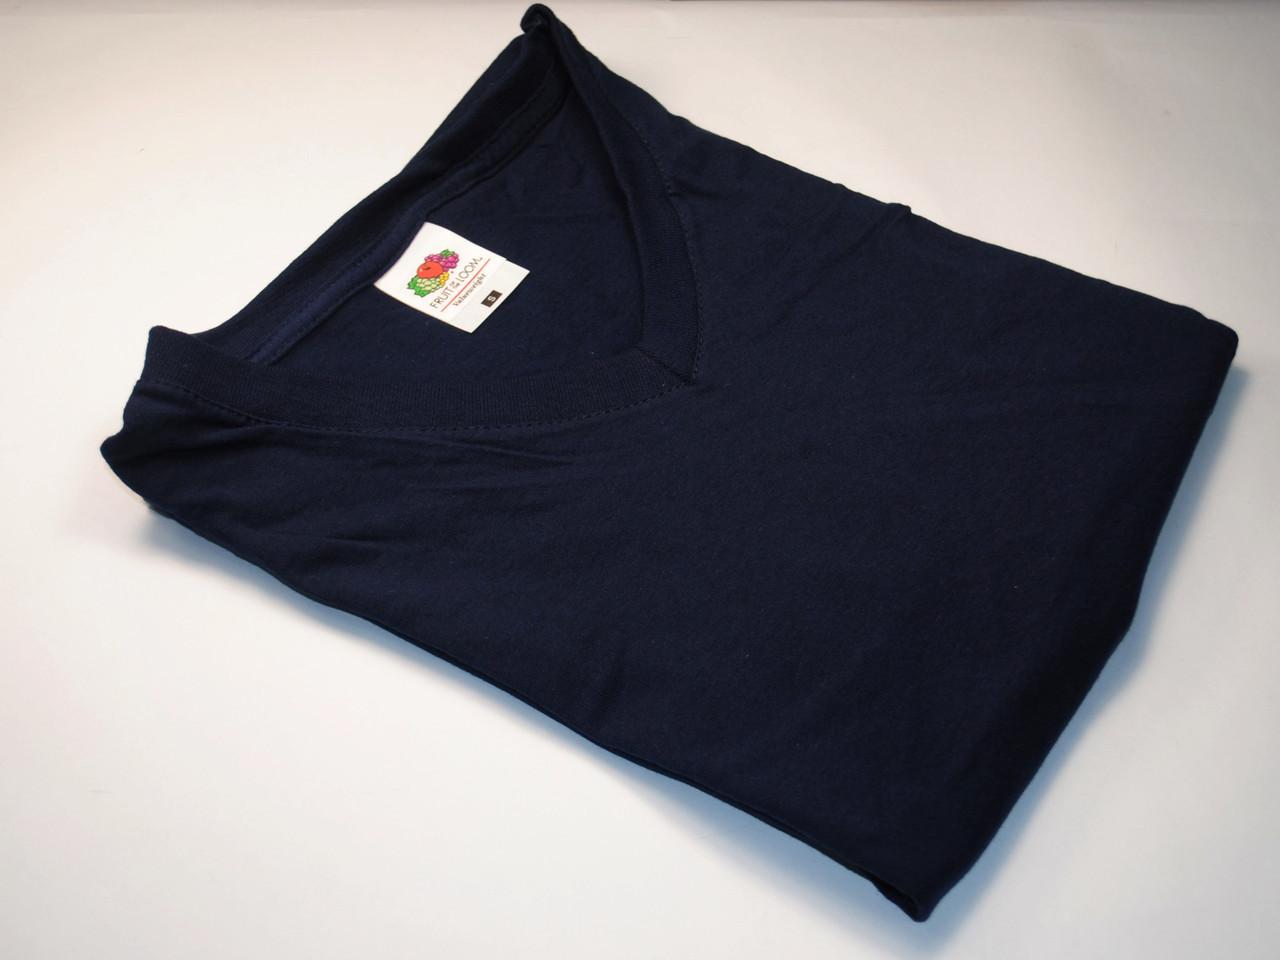 Мужская футболка с V-образным вырезом 61-066-0 Глубоко тёмно-синий, XL